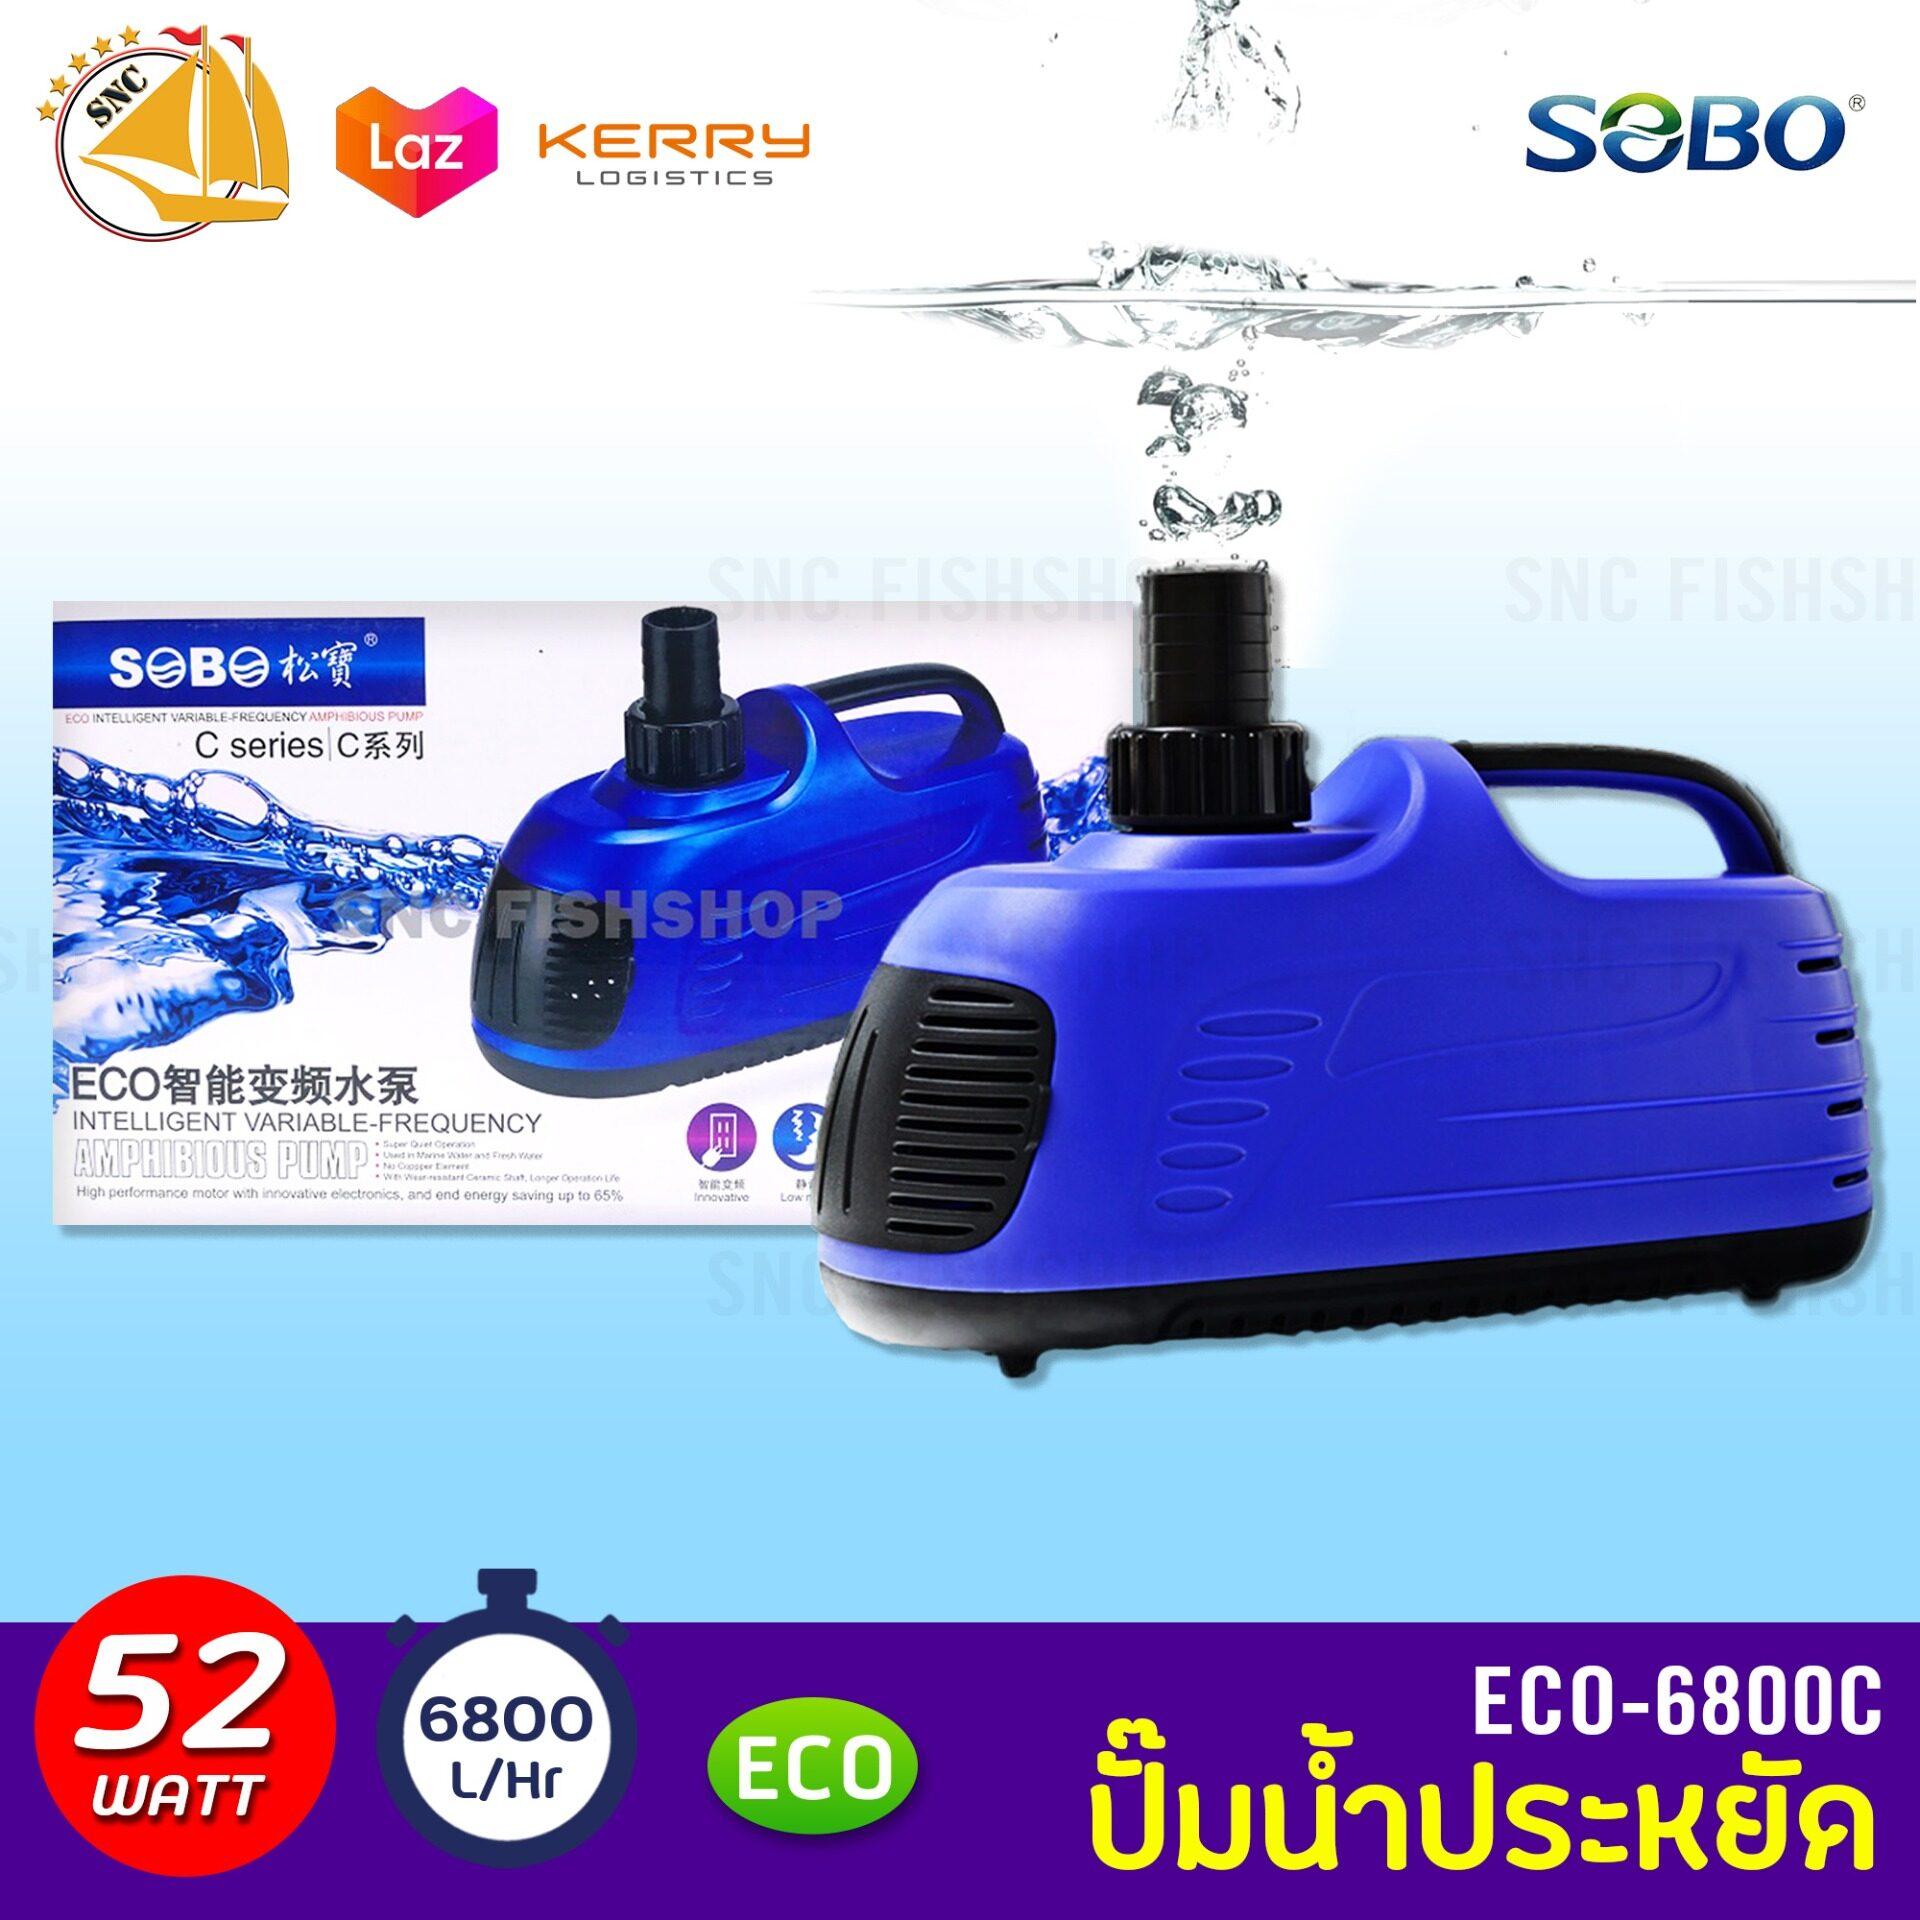 SOBO ECO-6800C ปั๊มน้ำประหยัดไฟ 6,800 ลิตร/ชั่วโมง กำลังไฟ 52W ECO PUMP ปั้มน้ำ ปั๊มแช่ ปั๊มน้ำพุ